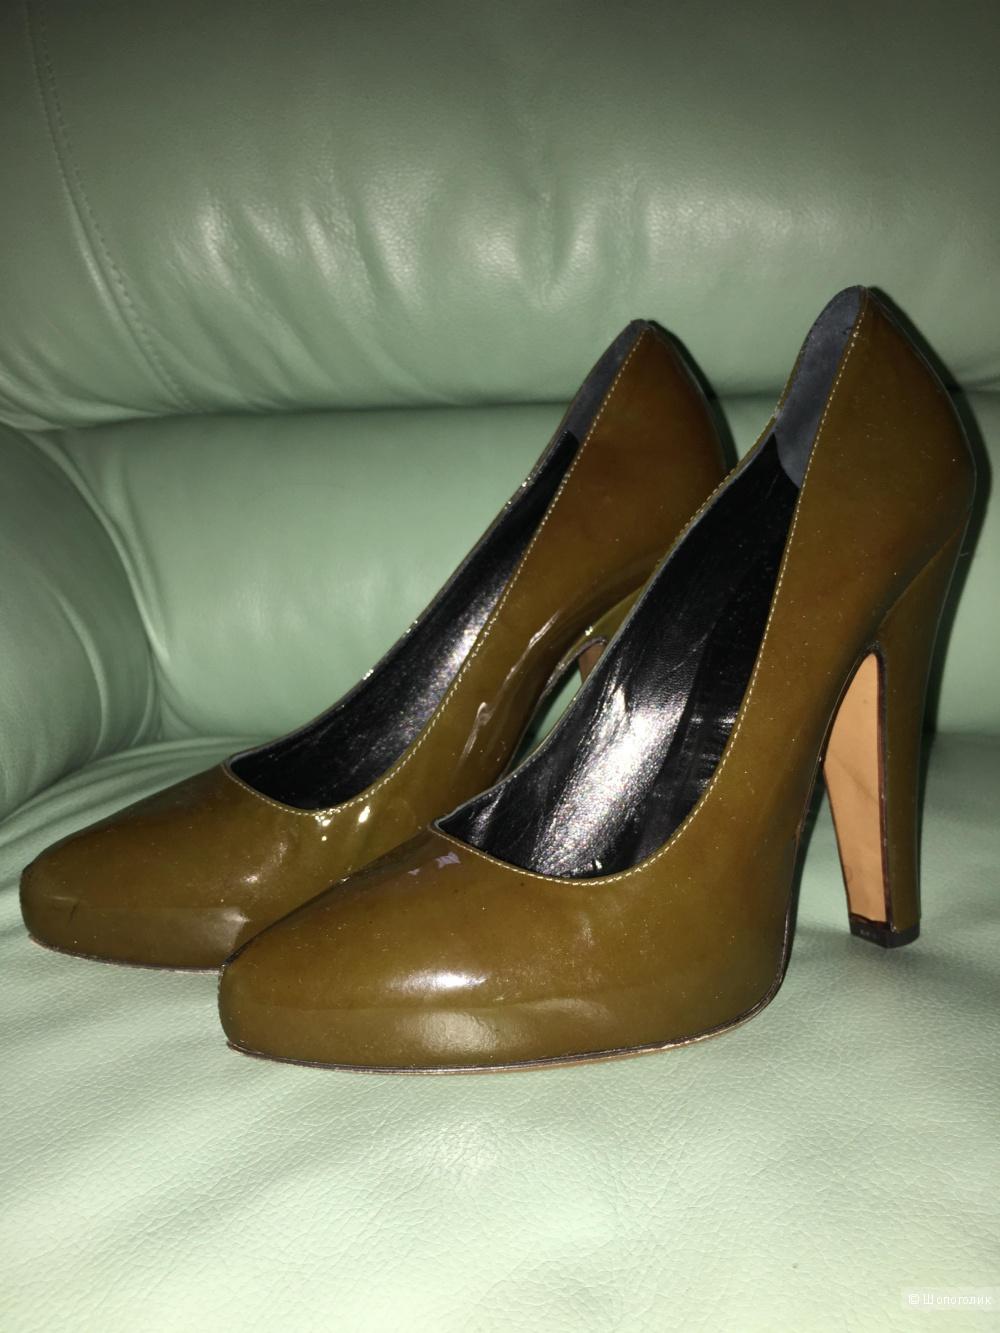 Пристраиваю новые туфли Moschino cheapandchic 39 размера